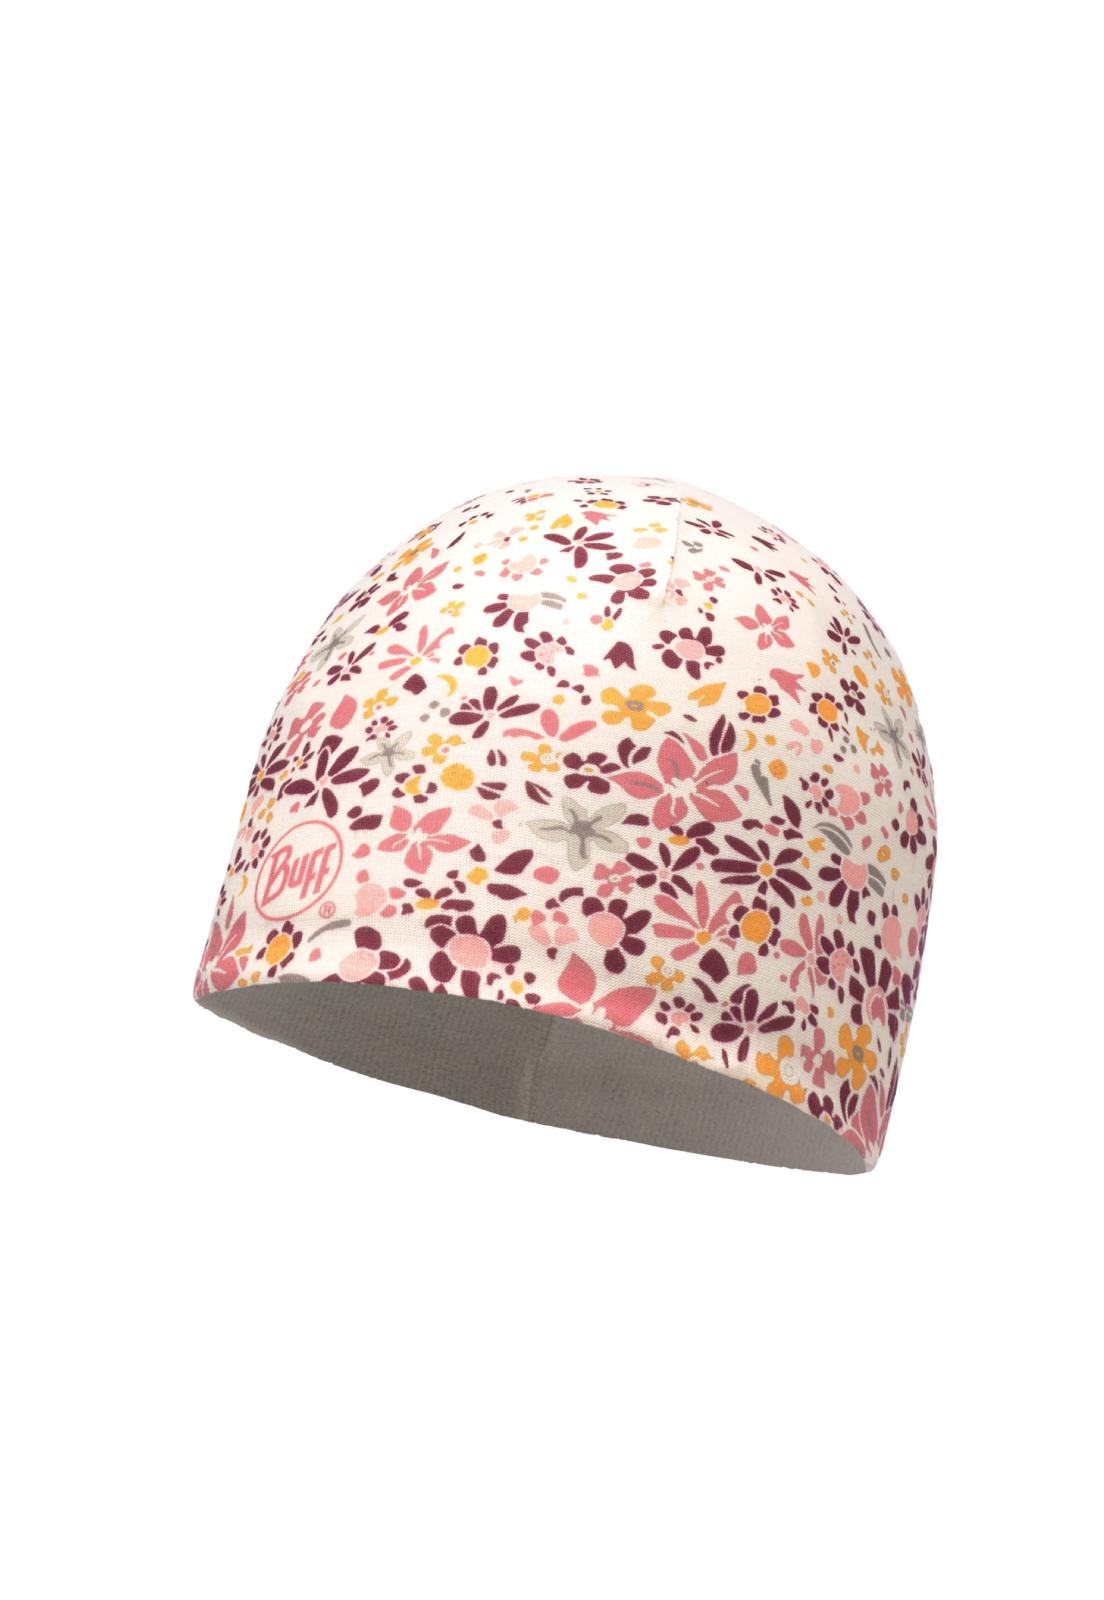 Microfiber & Polar Hat Child Lizzie Rose / Cru